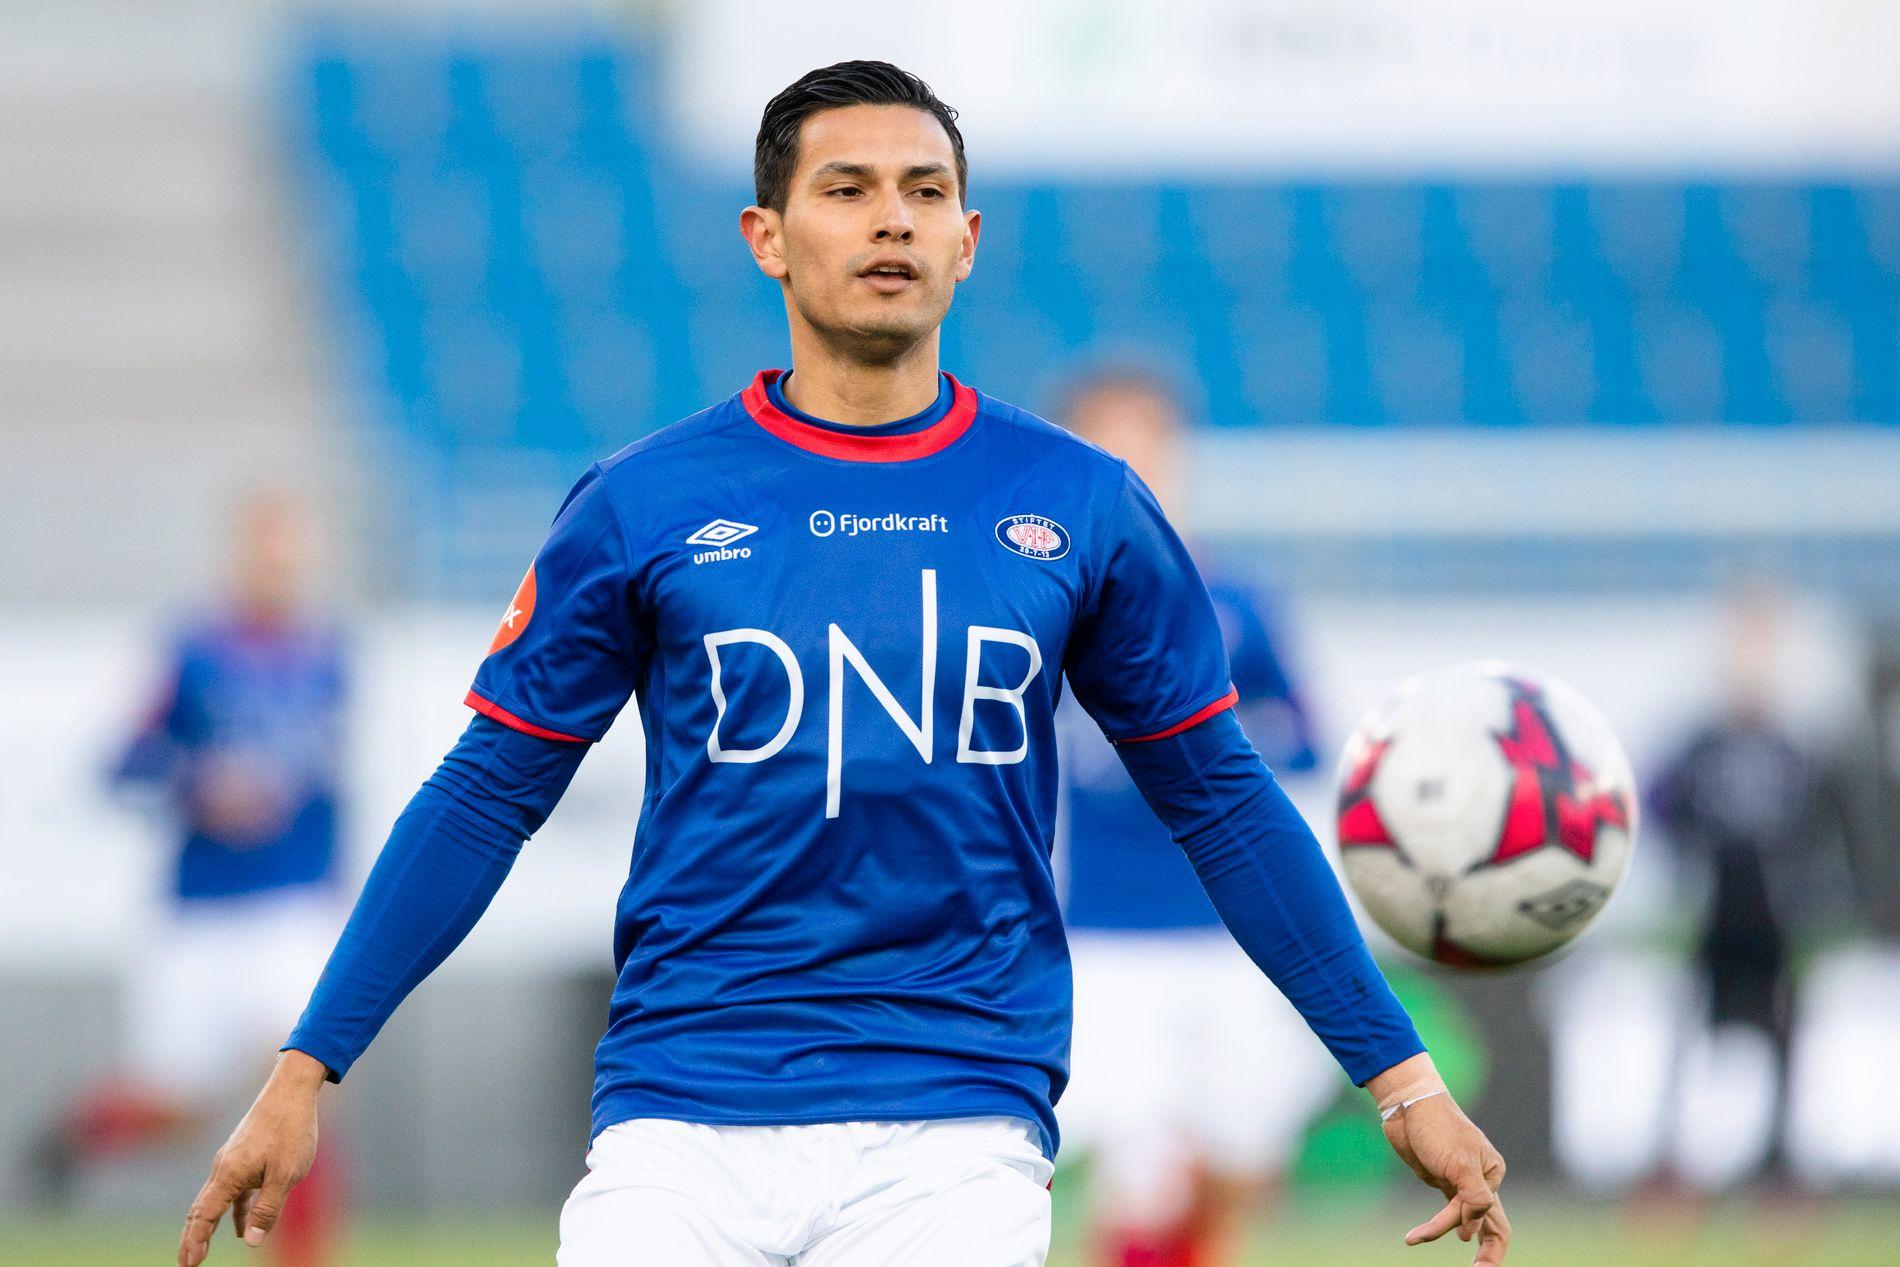 Vålerengas nysignering Deyver Vega under VIFs treningskamp mot Bodø/Glimt i begynnelsen av mars. Vålerenga vil spille med de samme draktene som i 2018, sett bort ifra noen sponsorbytter på baksiden av drakten.